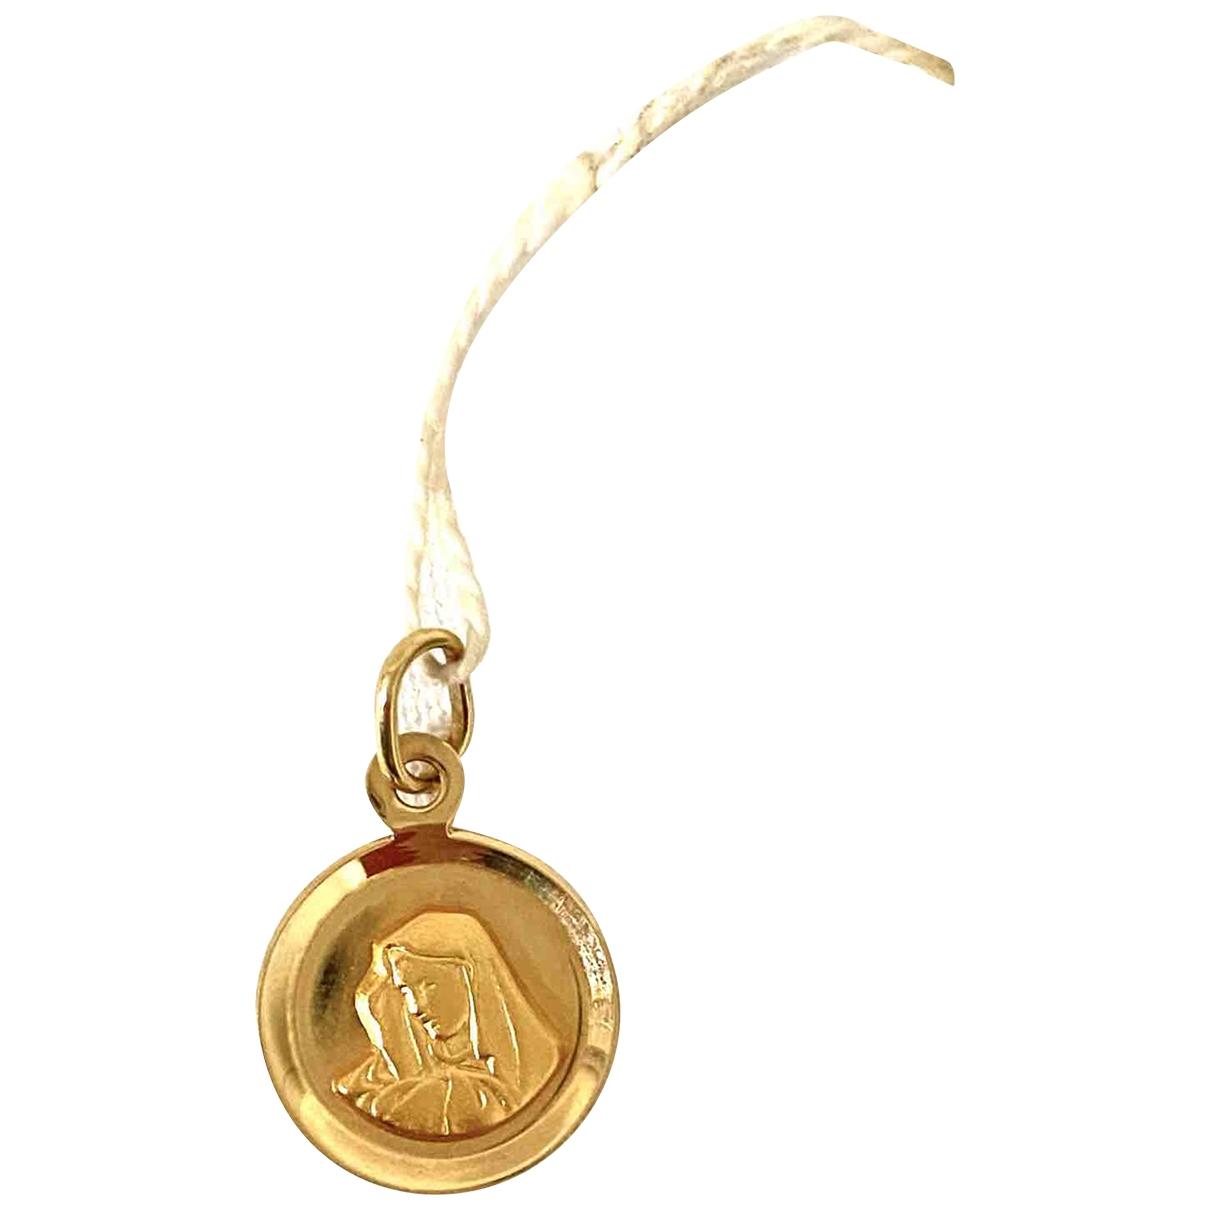 - Pendentif Medailles pour femme en or jaune - dore